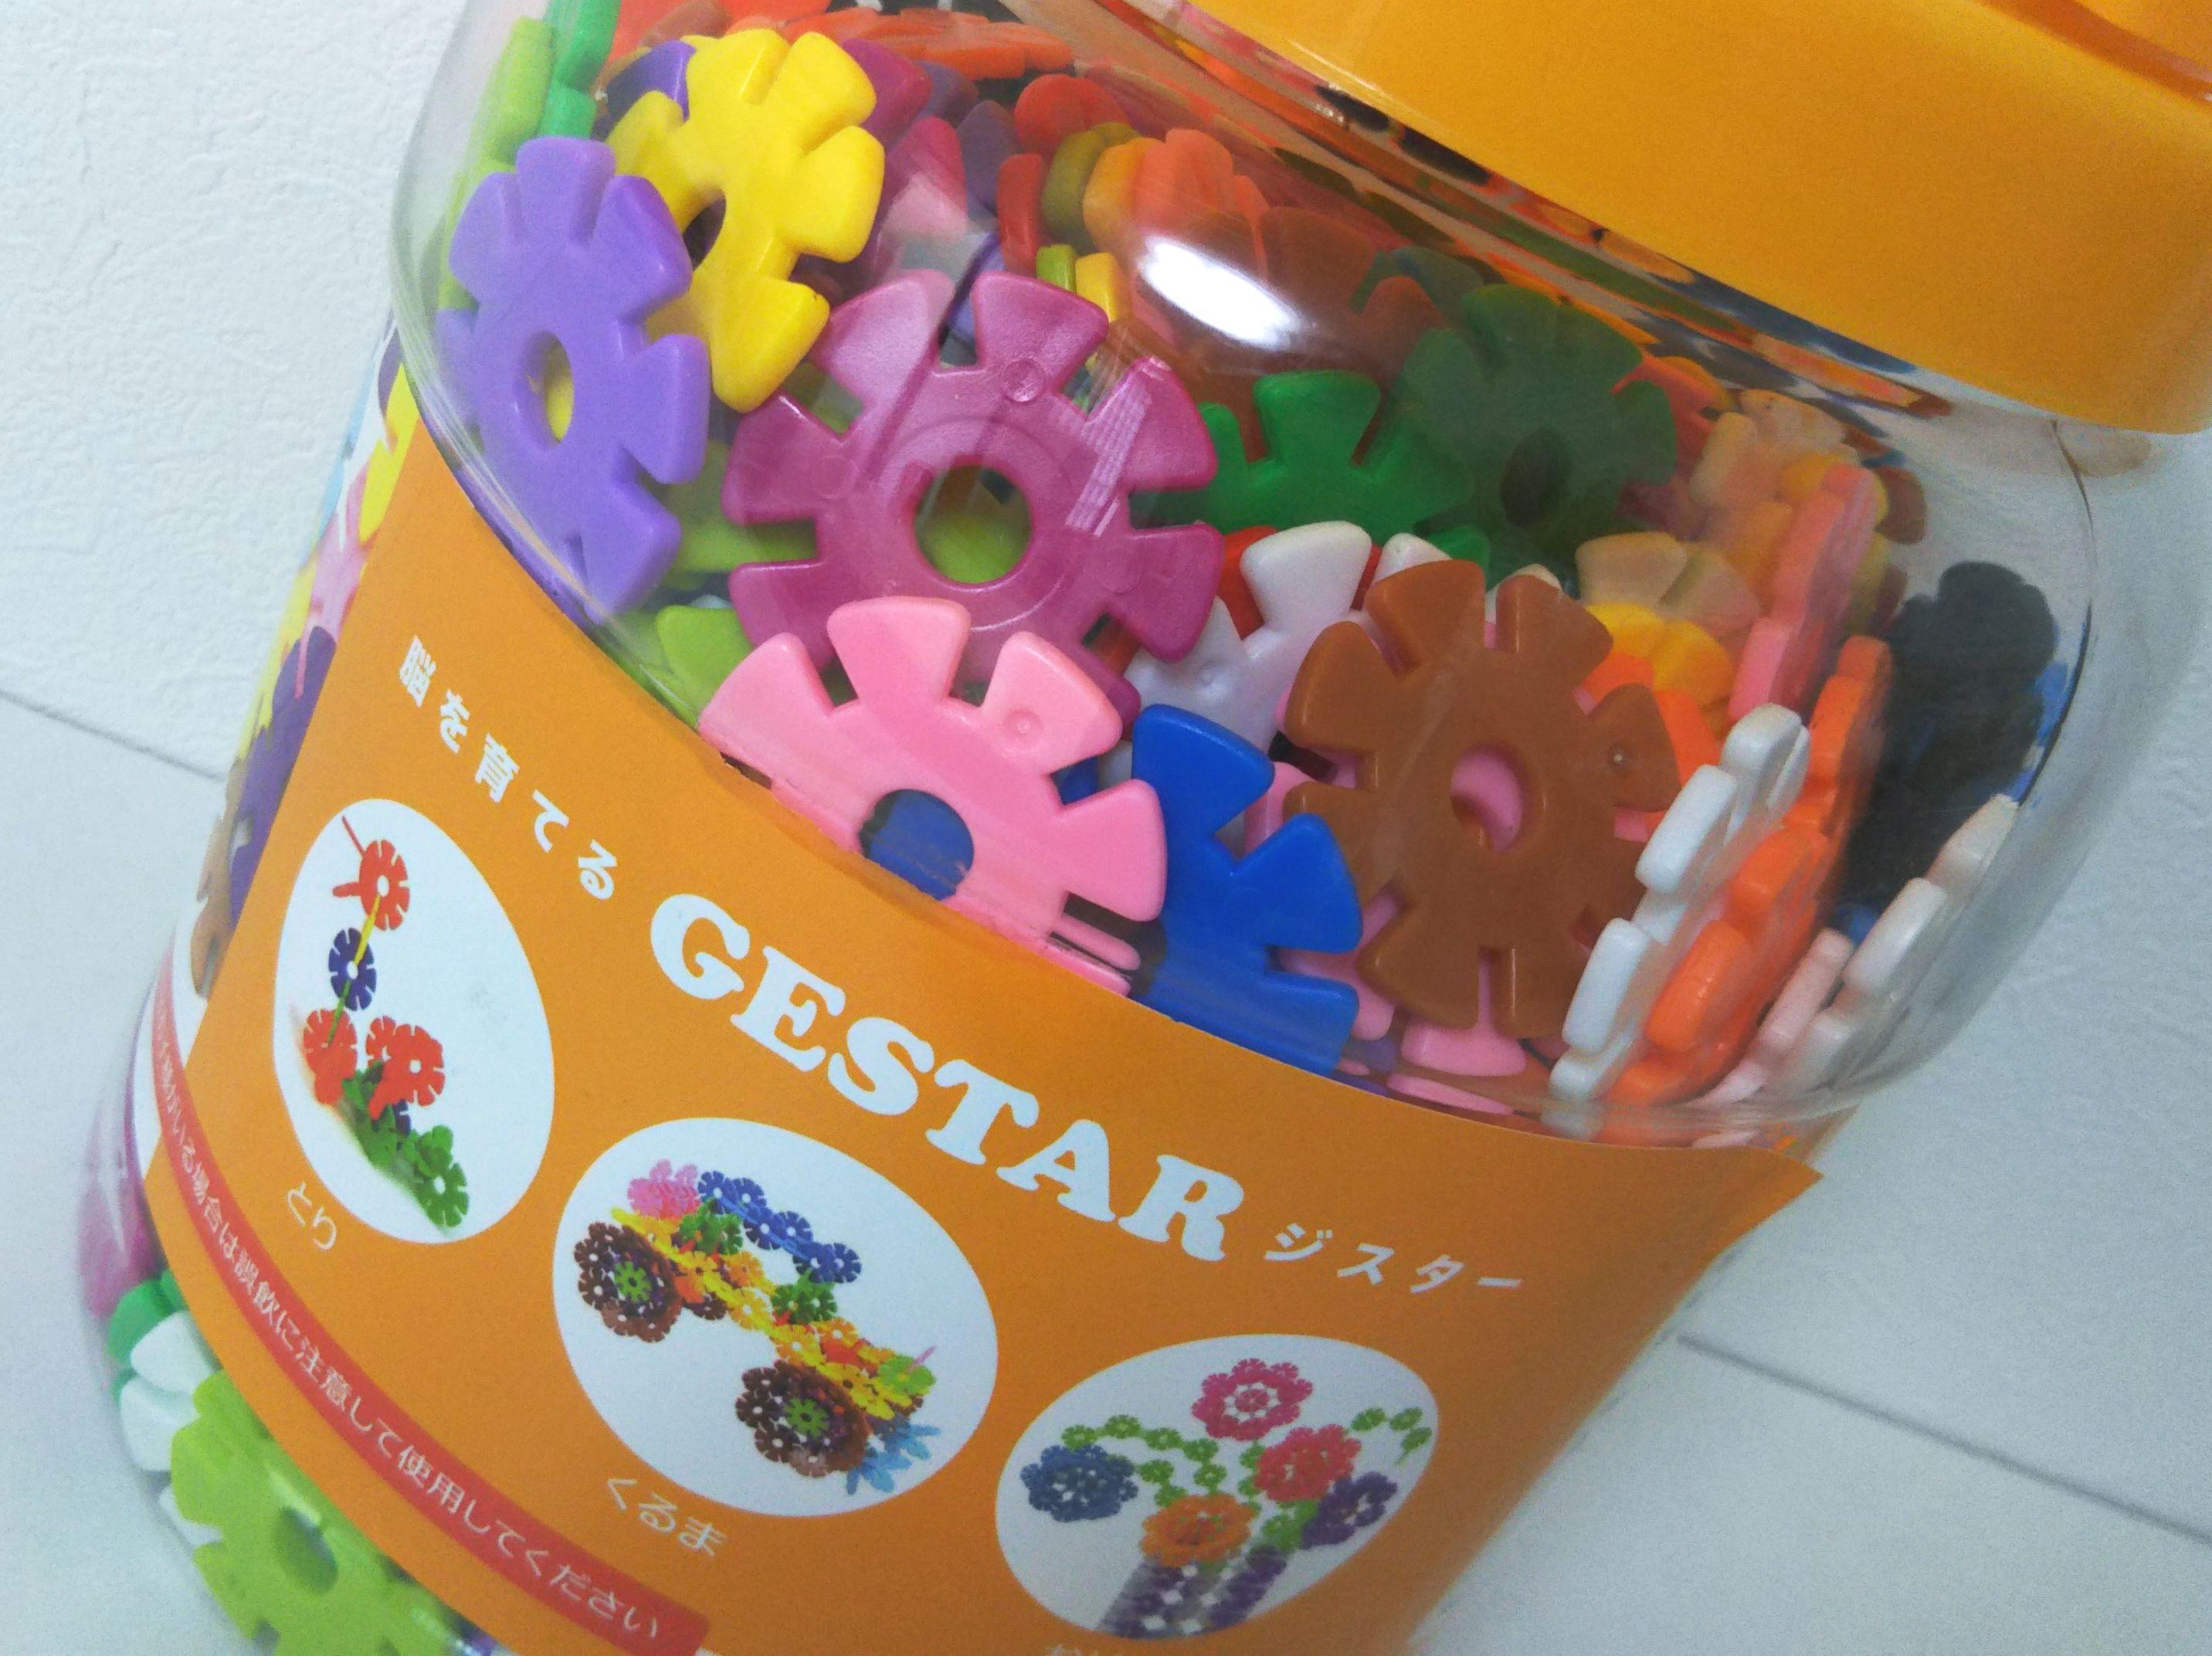 """""""天才のはじまり""""GESTAR(ジスター)はコスパ良!いろいろ使えて長く楽しめる知育玩具。"""